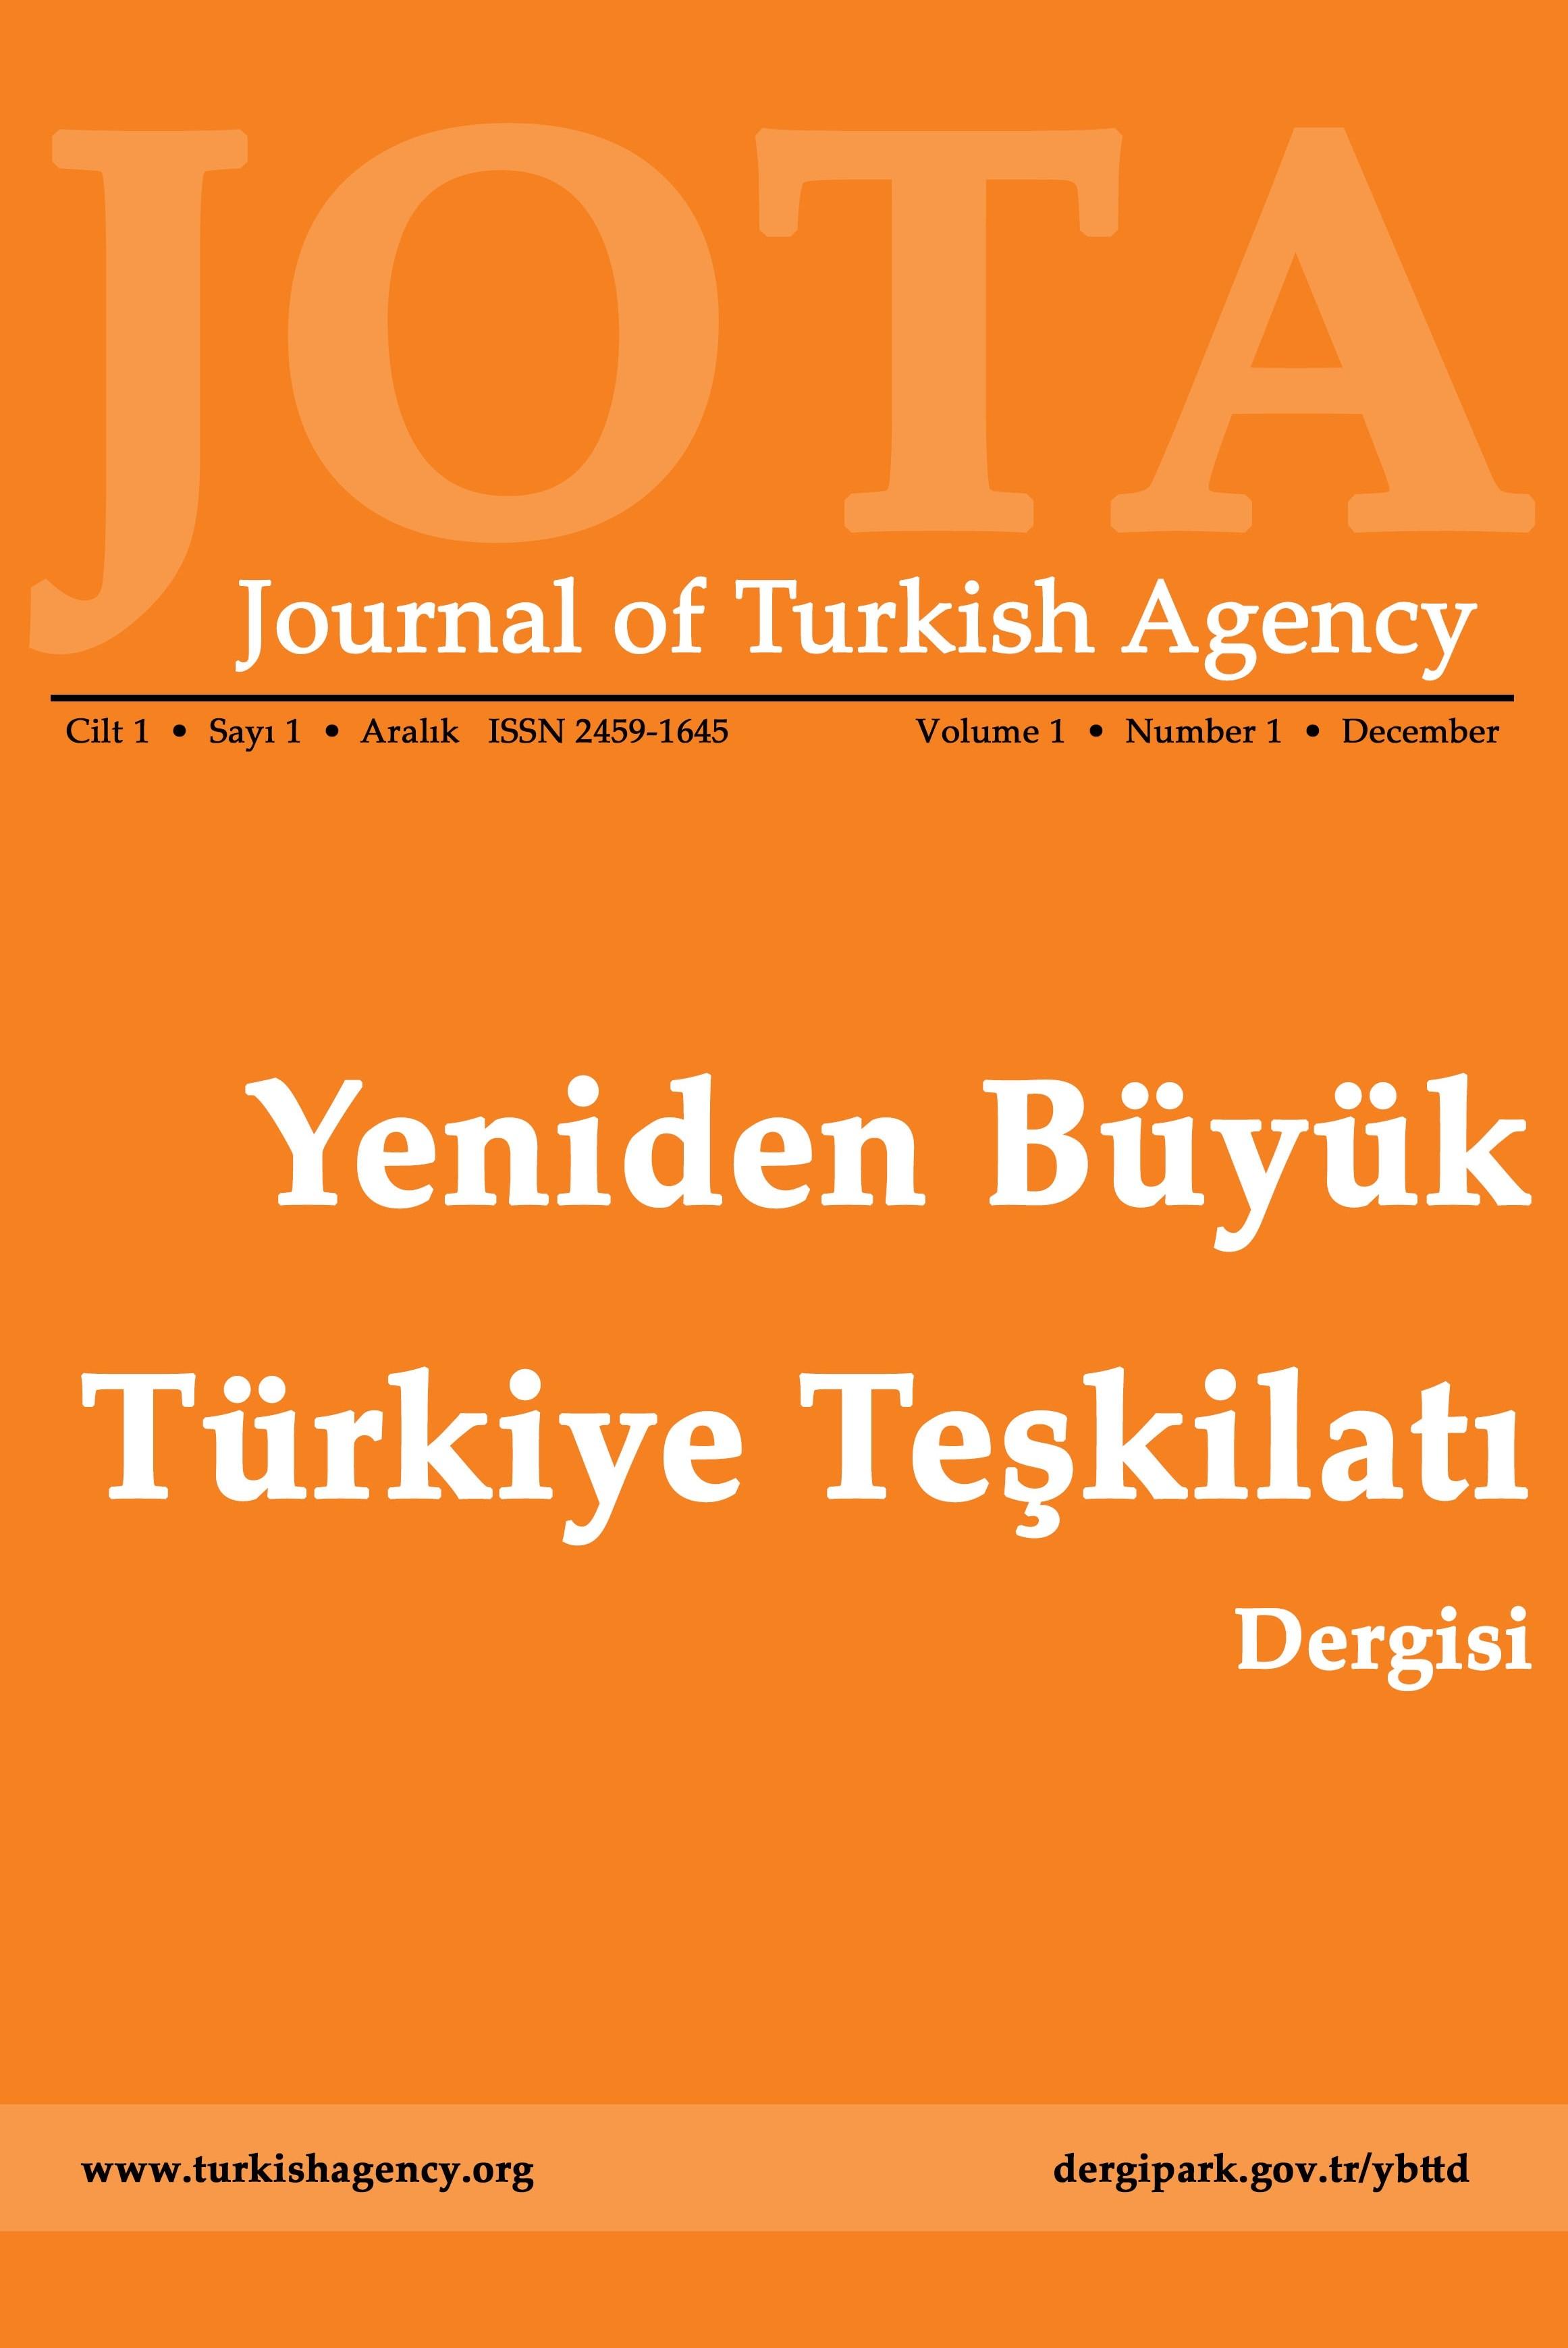 Yeniden Büyük Türkiye Teşkilatı Dergisi